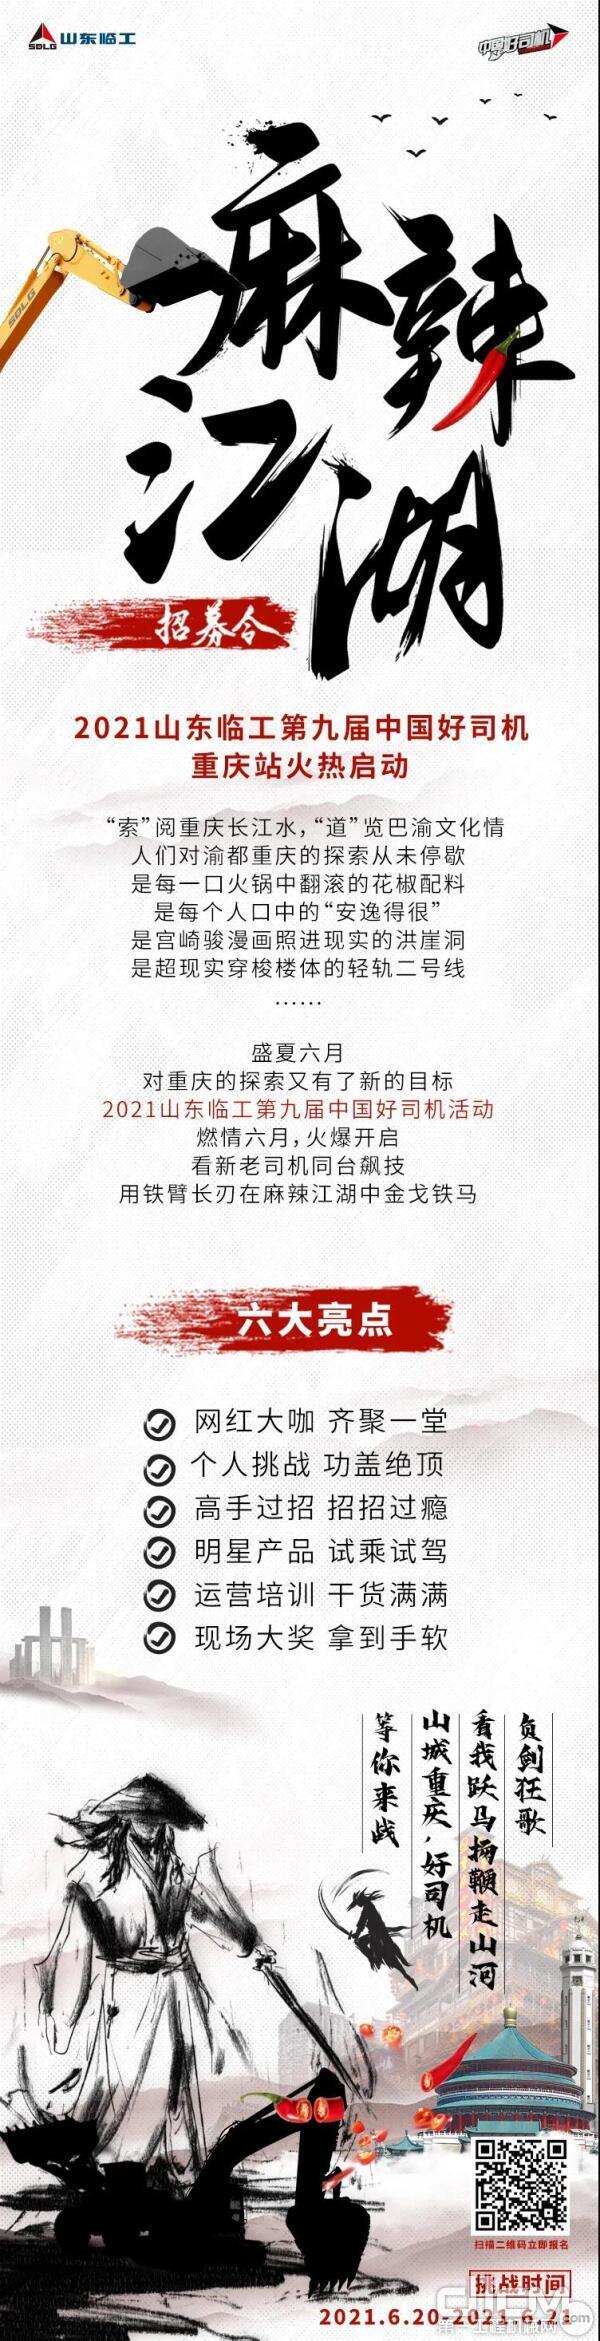 2021山东临工好司机重庆站即将火热启动